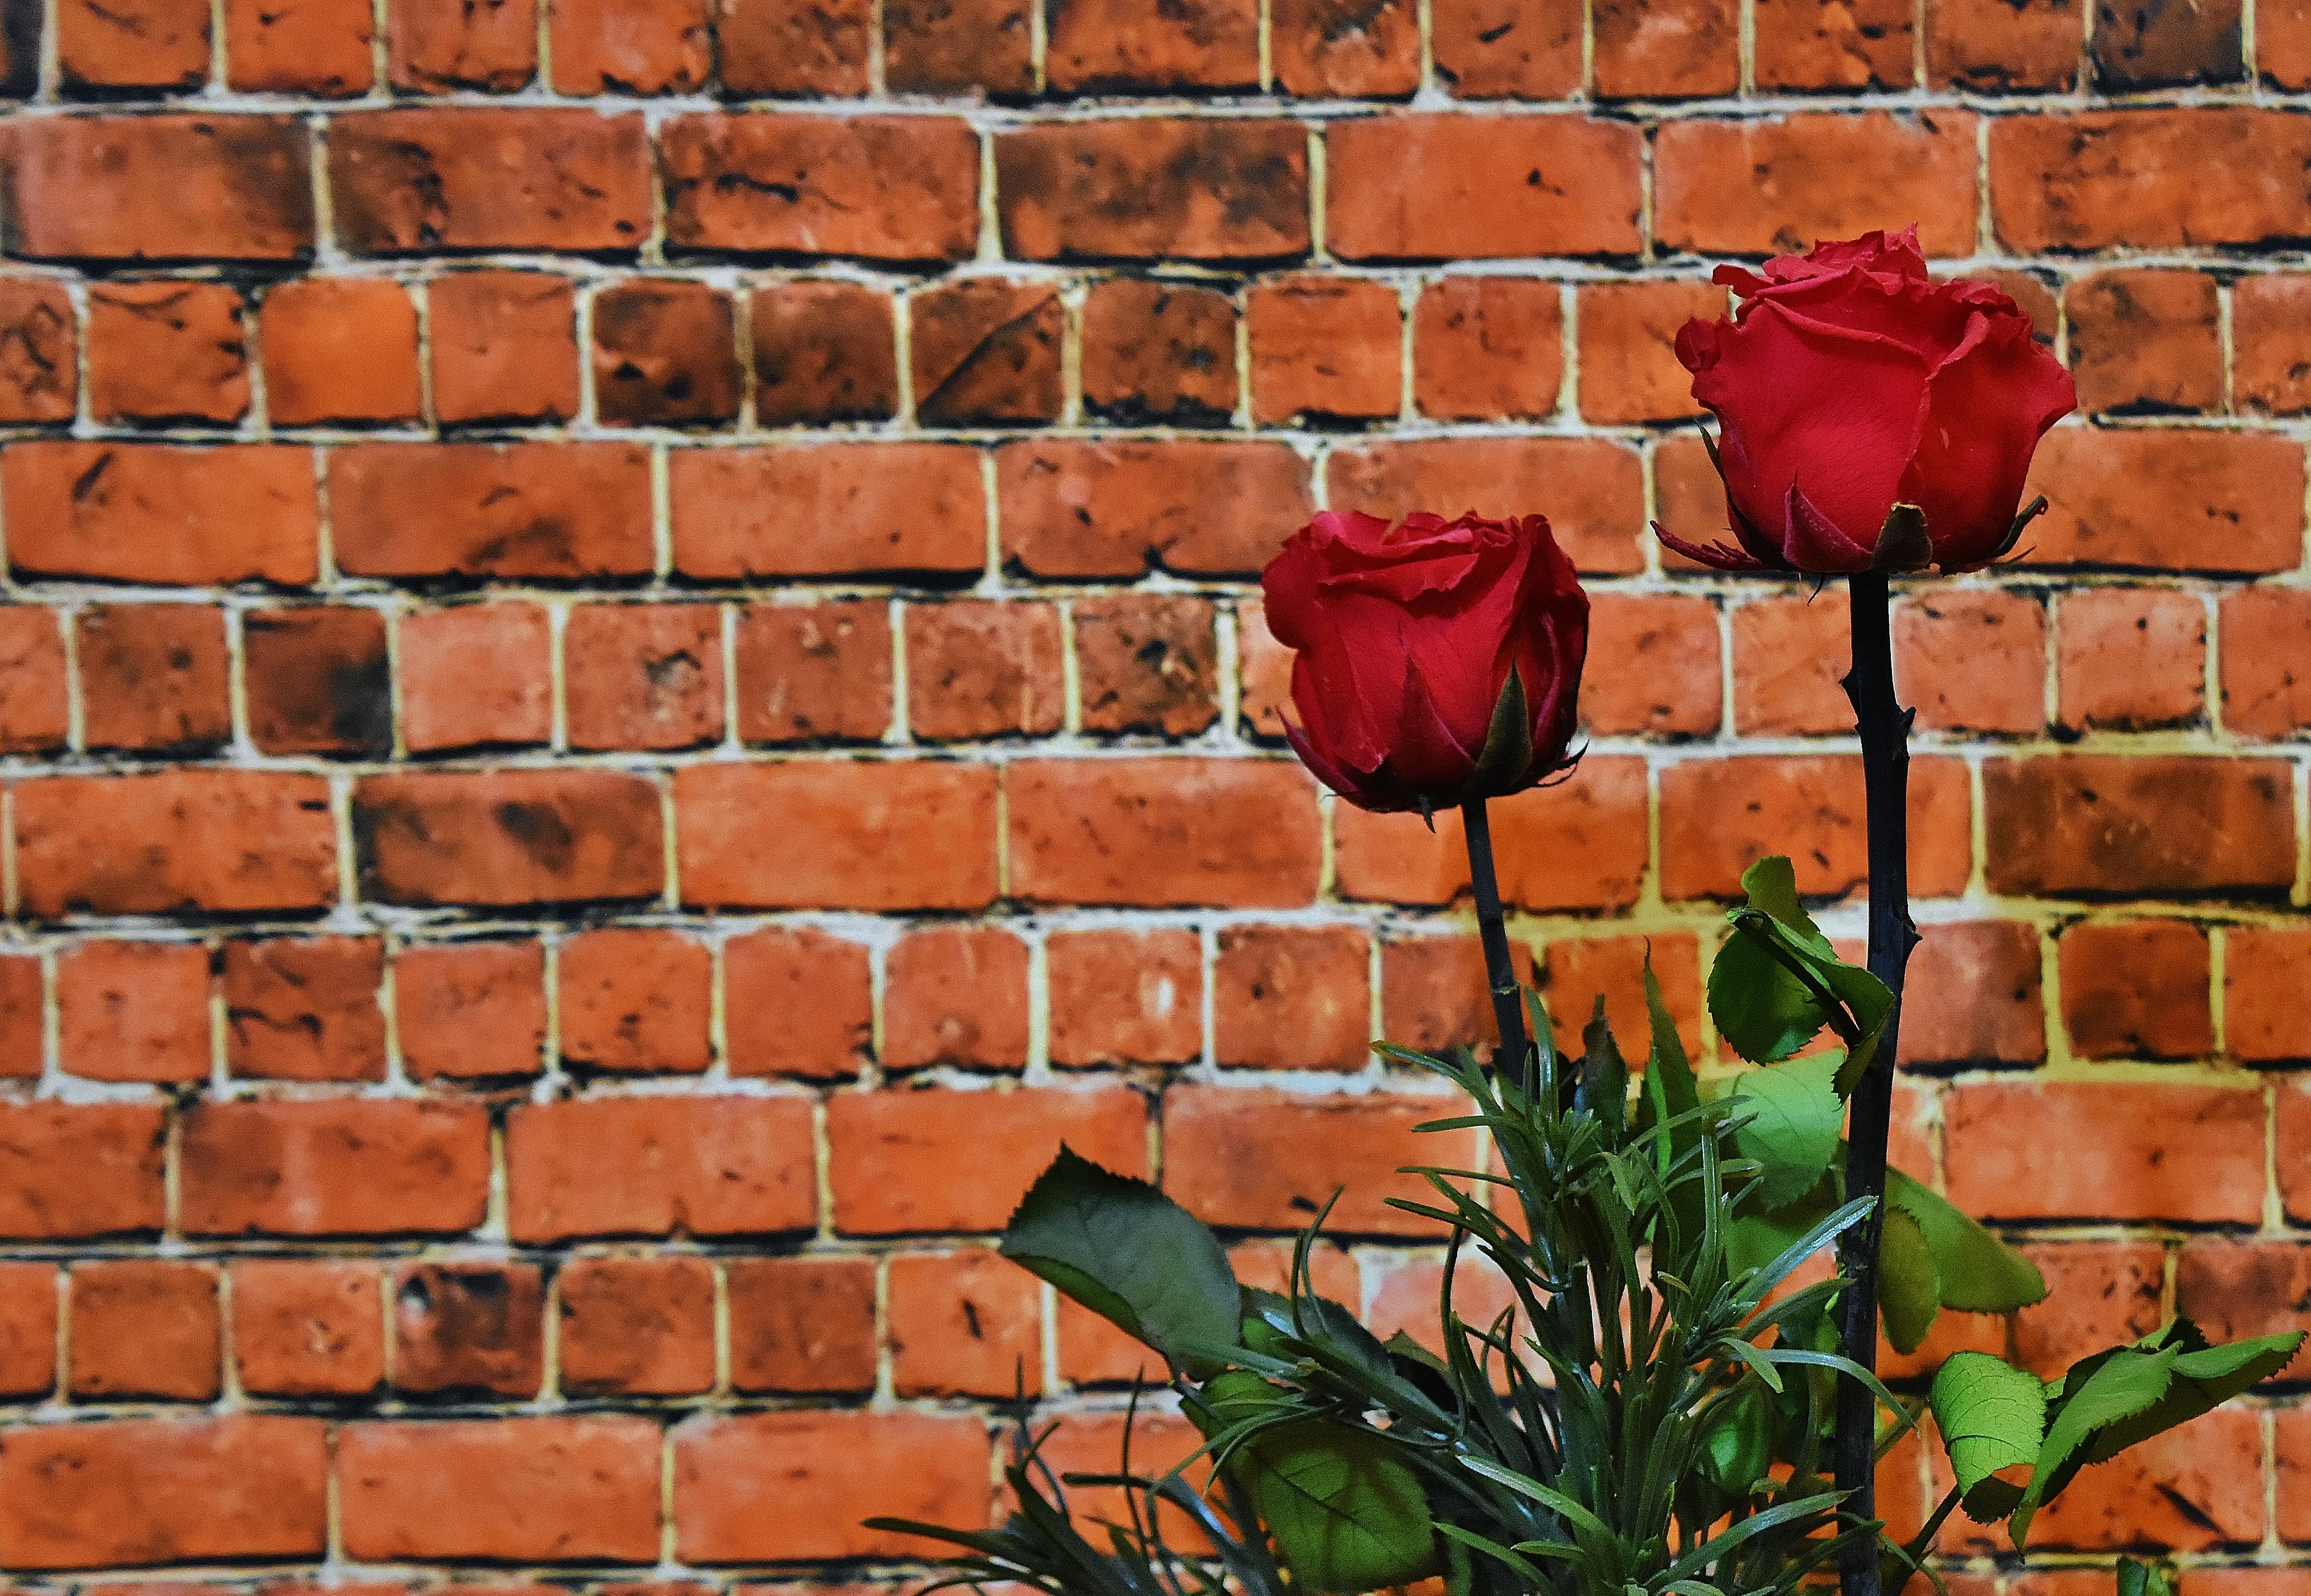 images gratuites la nature fleur plante feuille floraison rouge mur de pierre brique. Black Bedroom Furniture Sets. Home Design Ideas